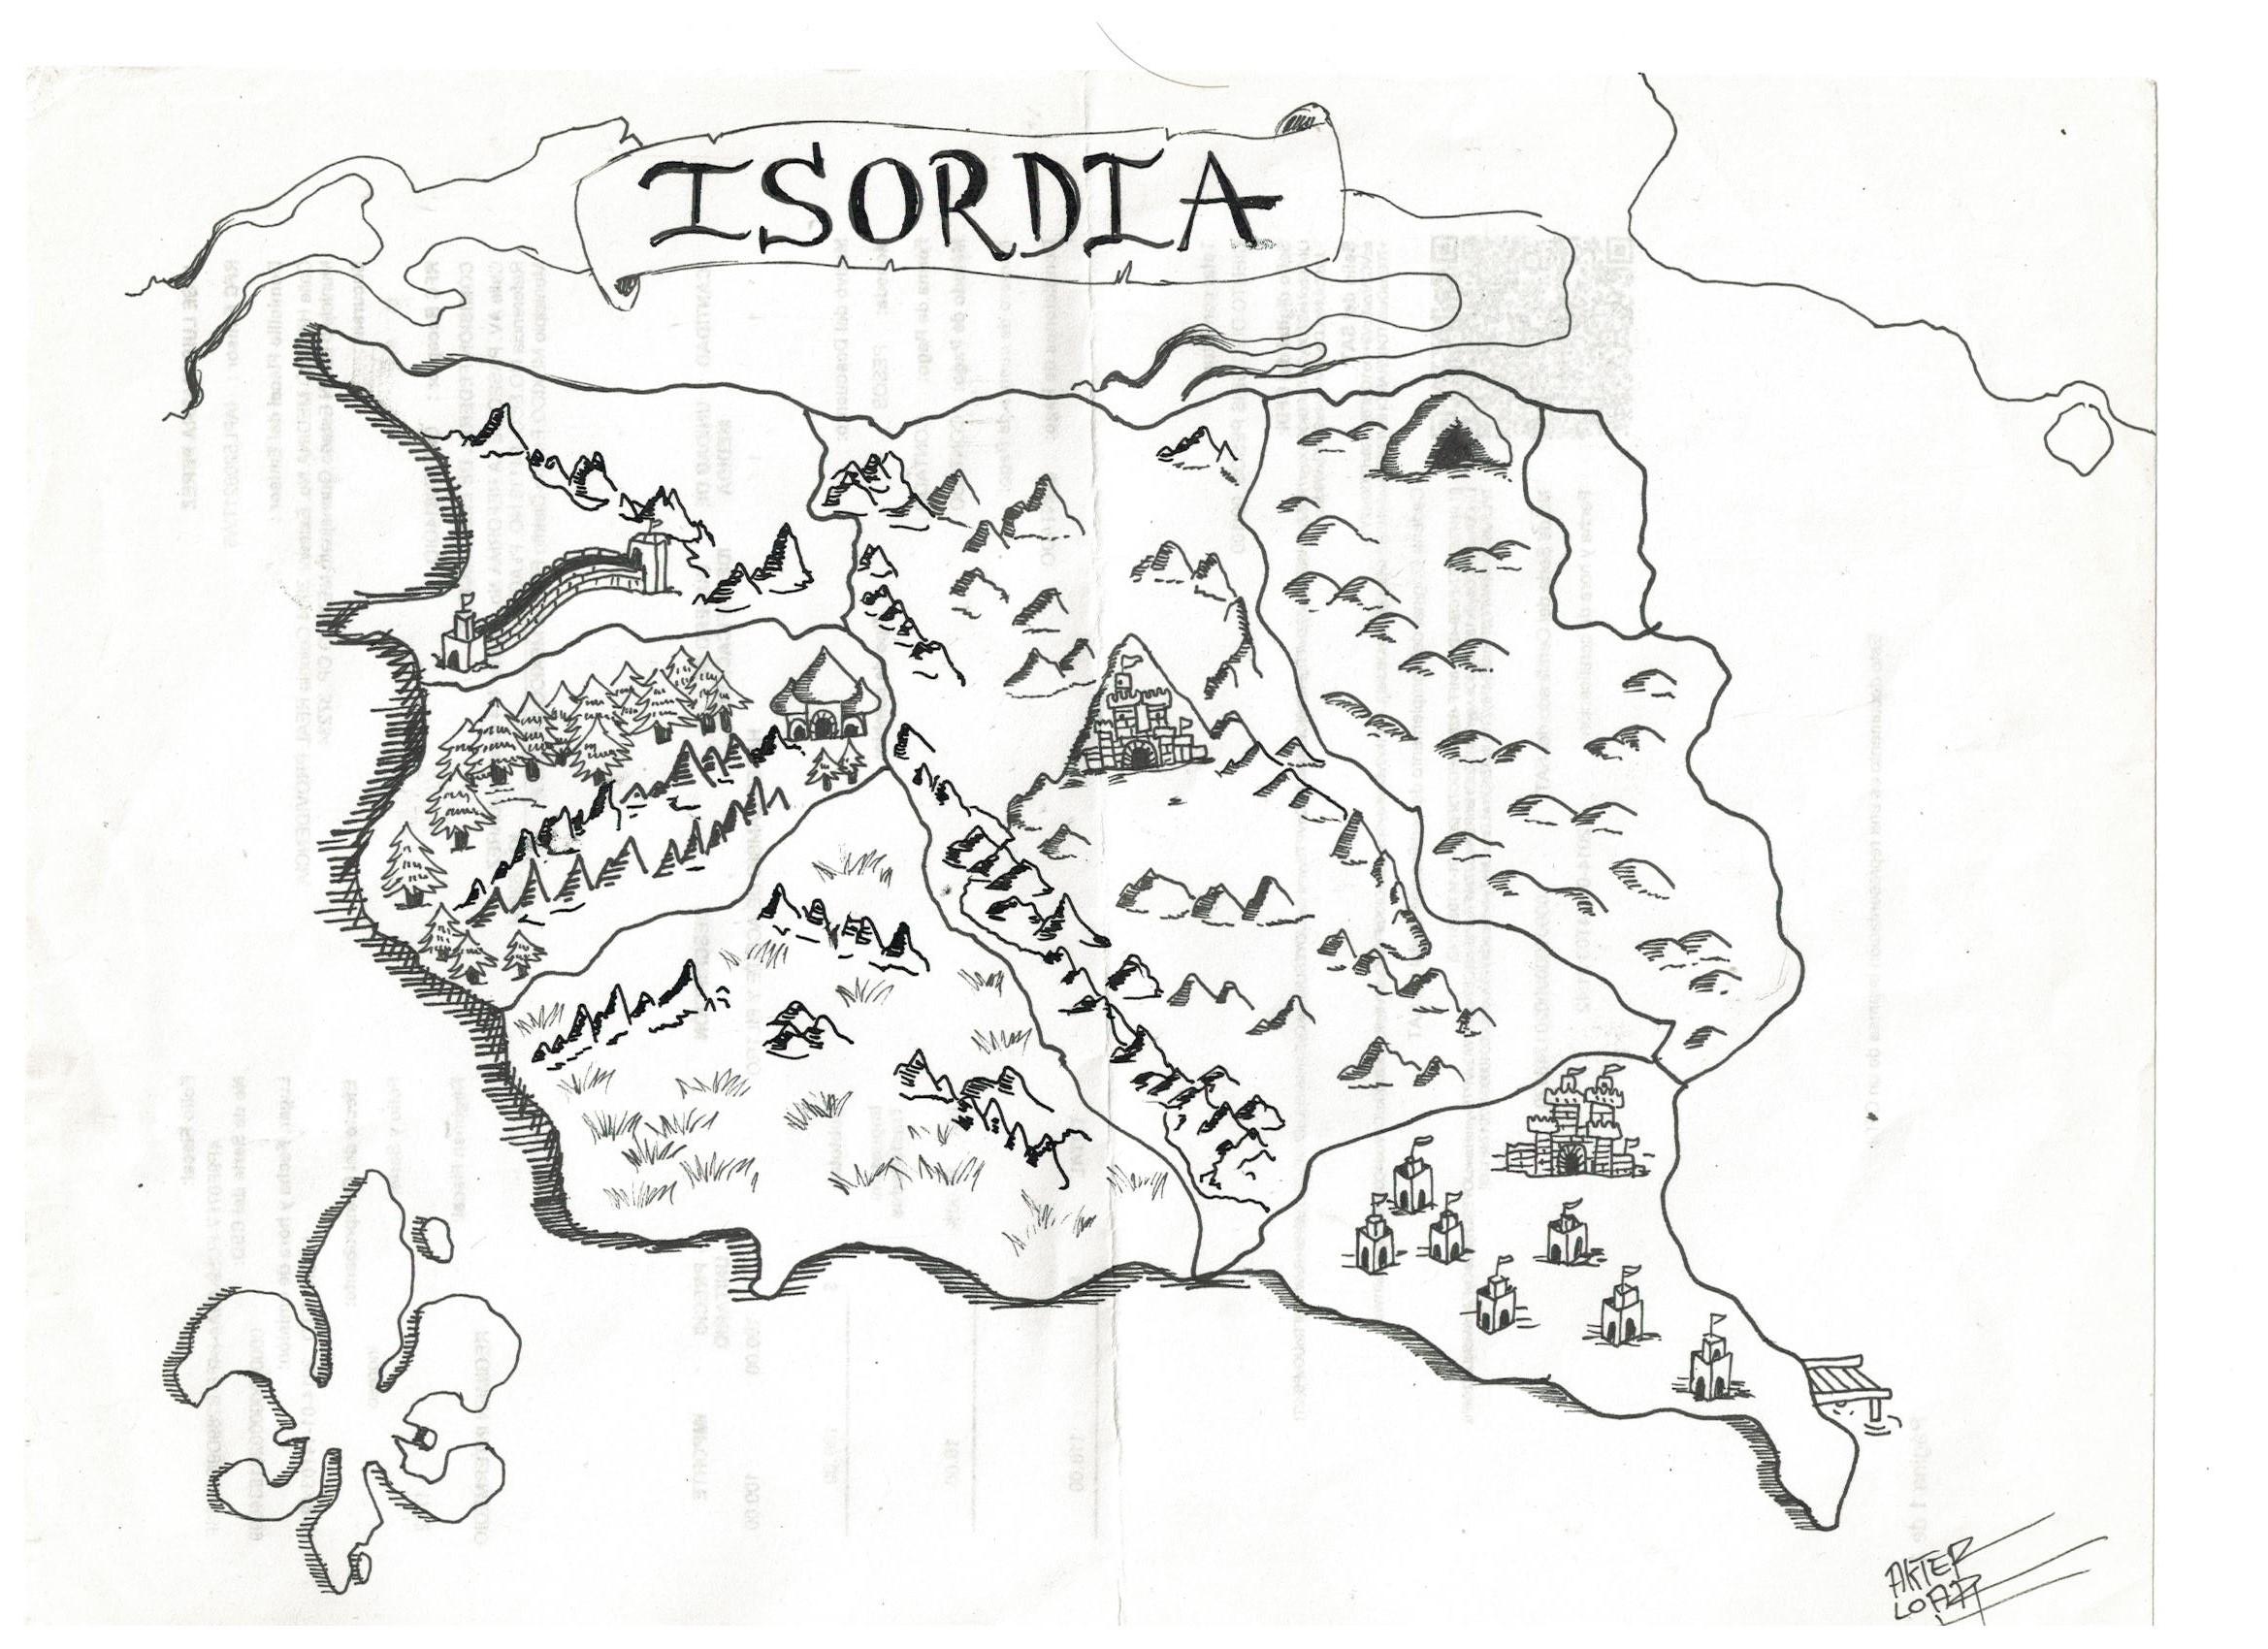 Libro Isordia (En constante desarrollo) IVydx8zp